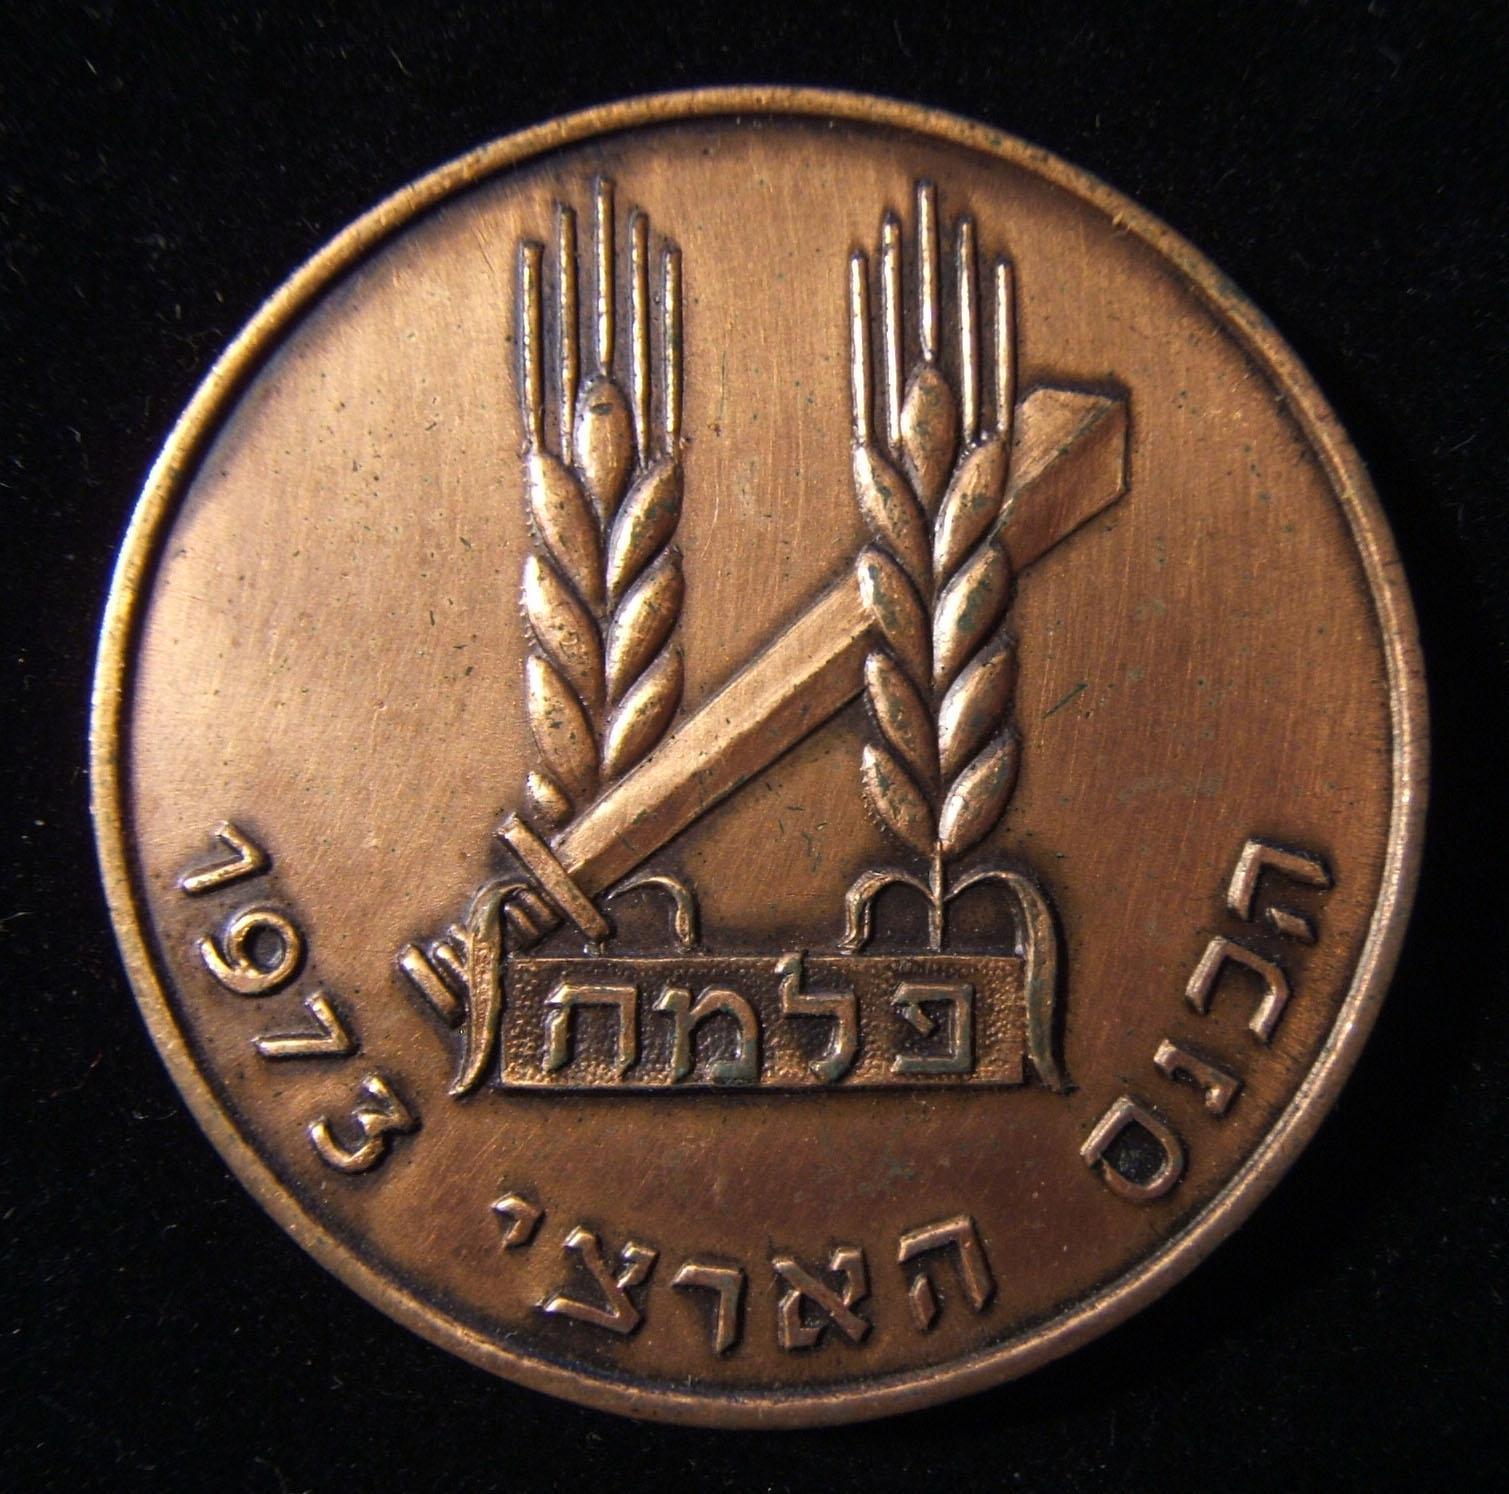 Medaille zum Gedenken an die Nationalversammlung von Palmach und das 25-jährige Jubiläum Israels 1973